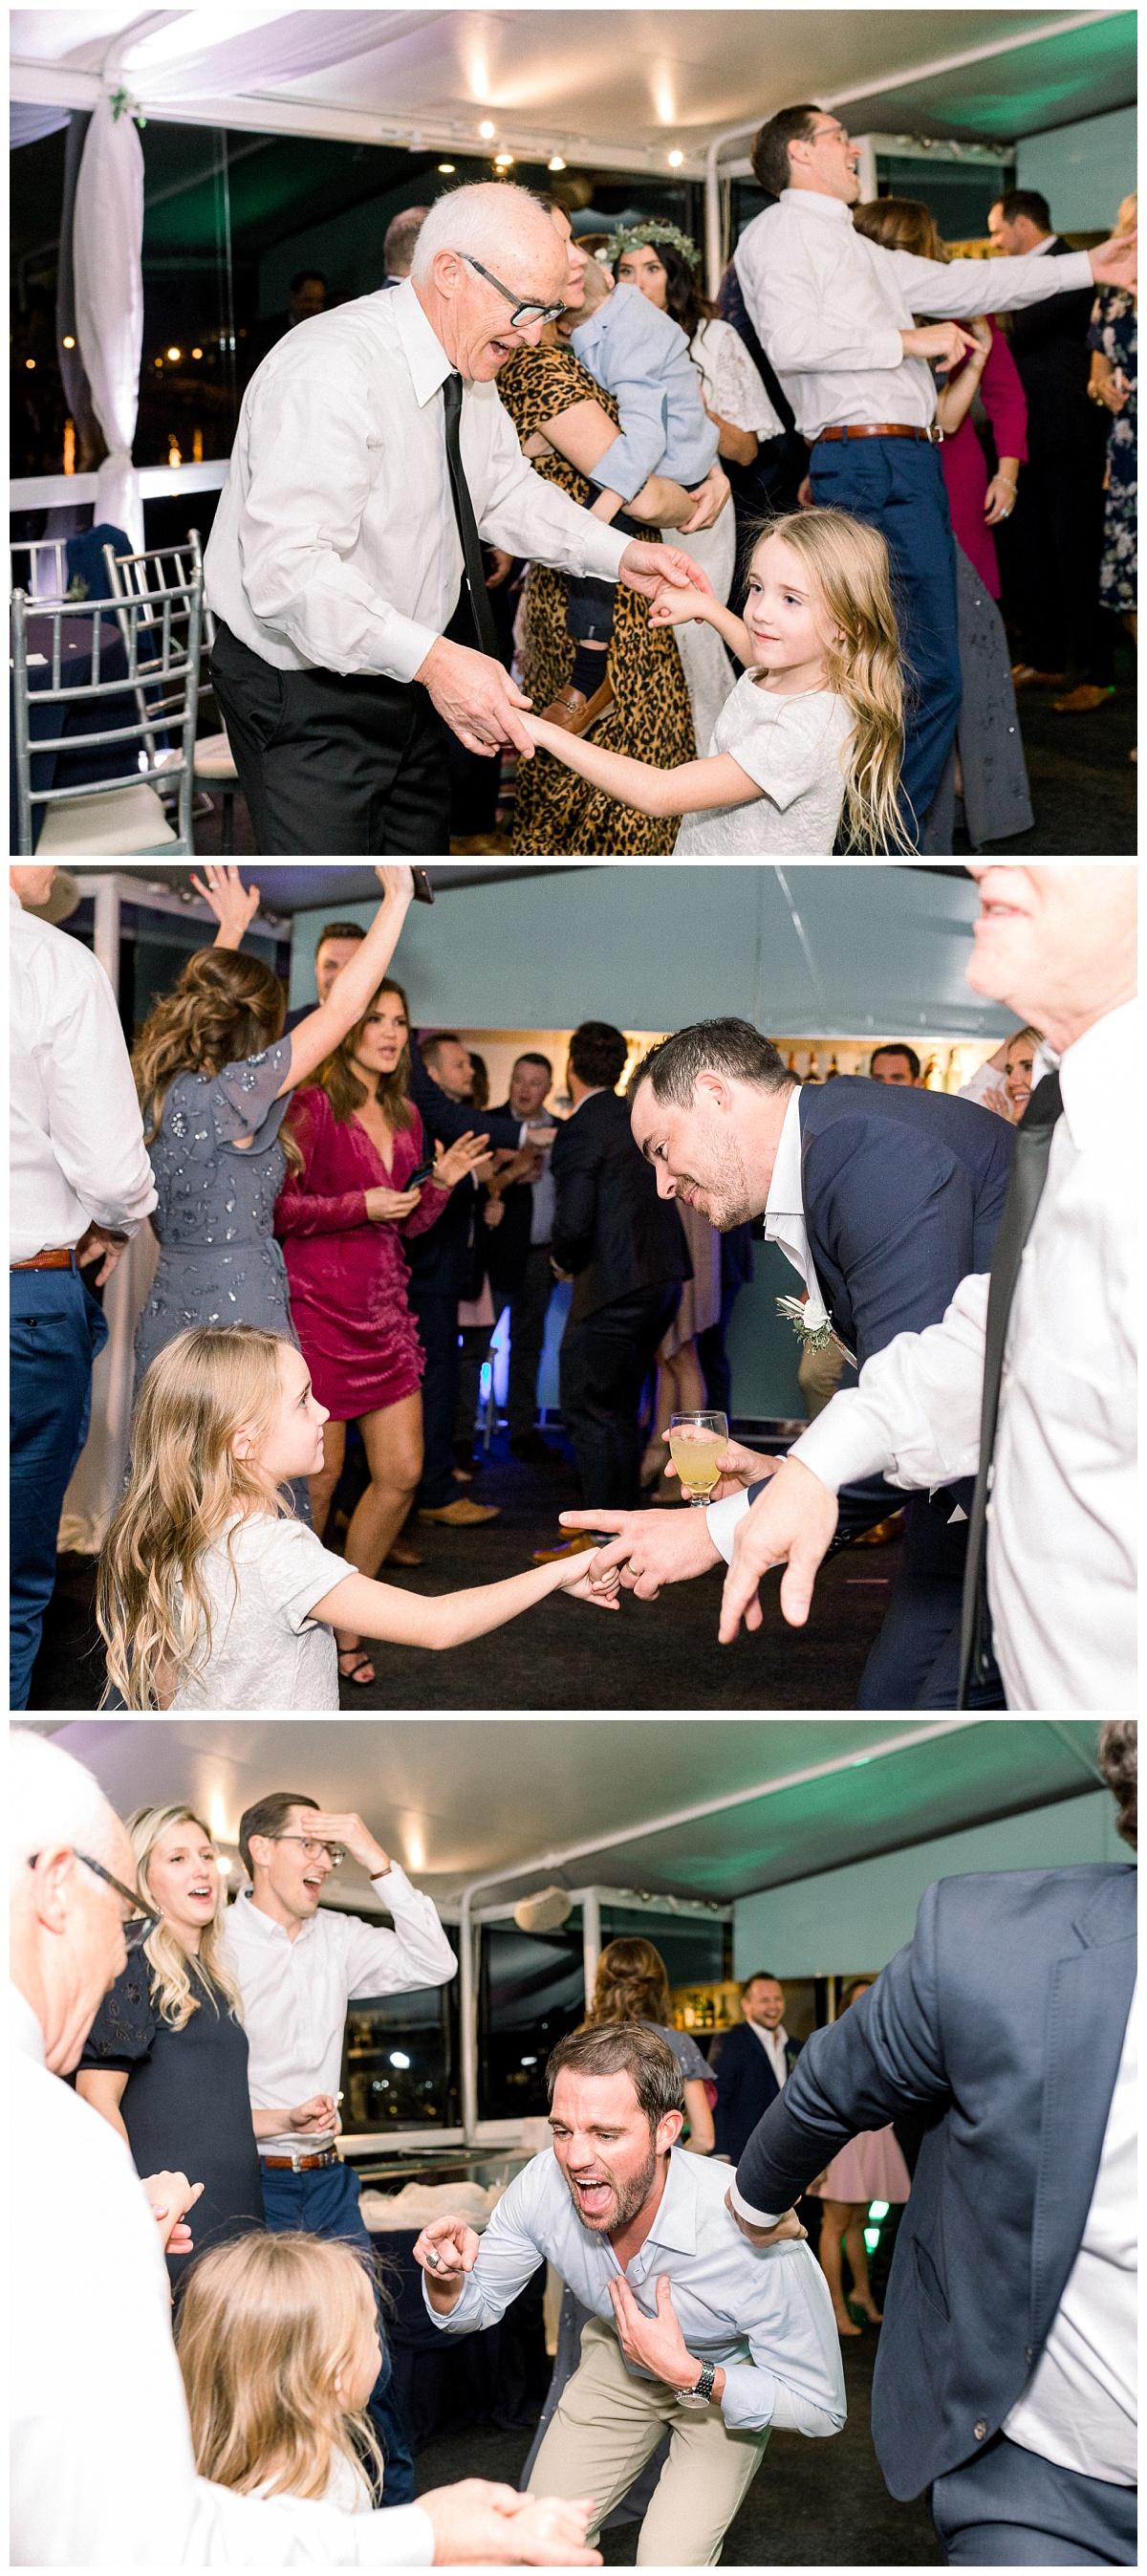 electra cruise wedding, newport beach wedding, orange county wedding photographer